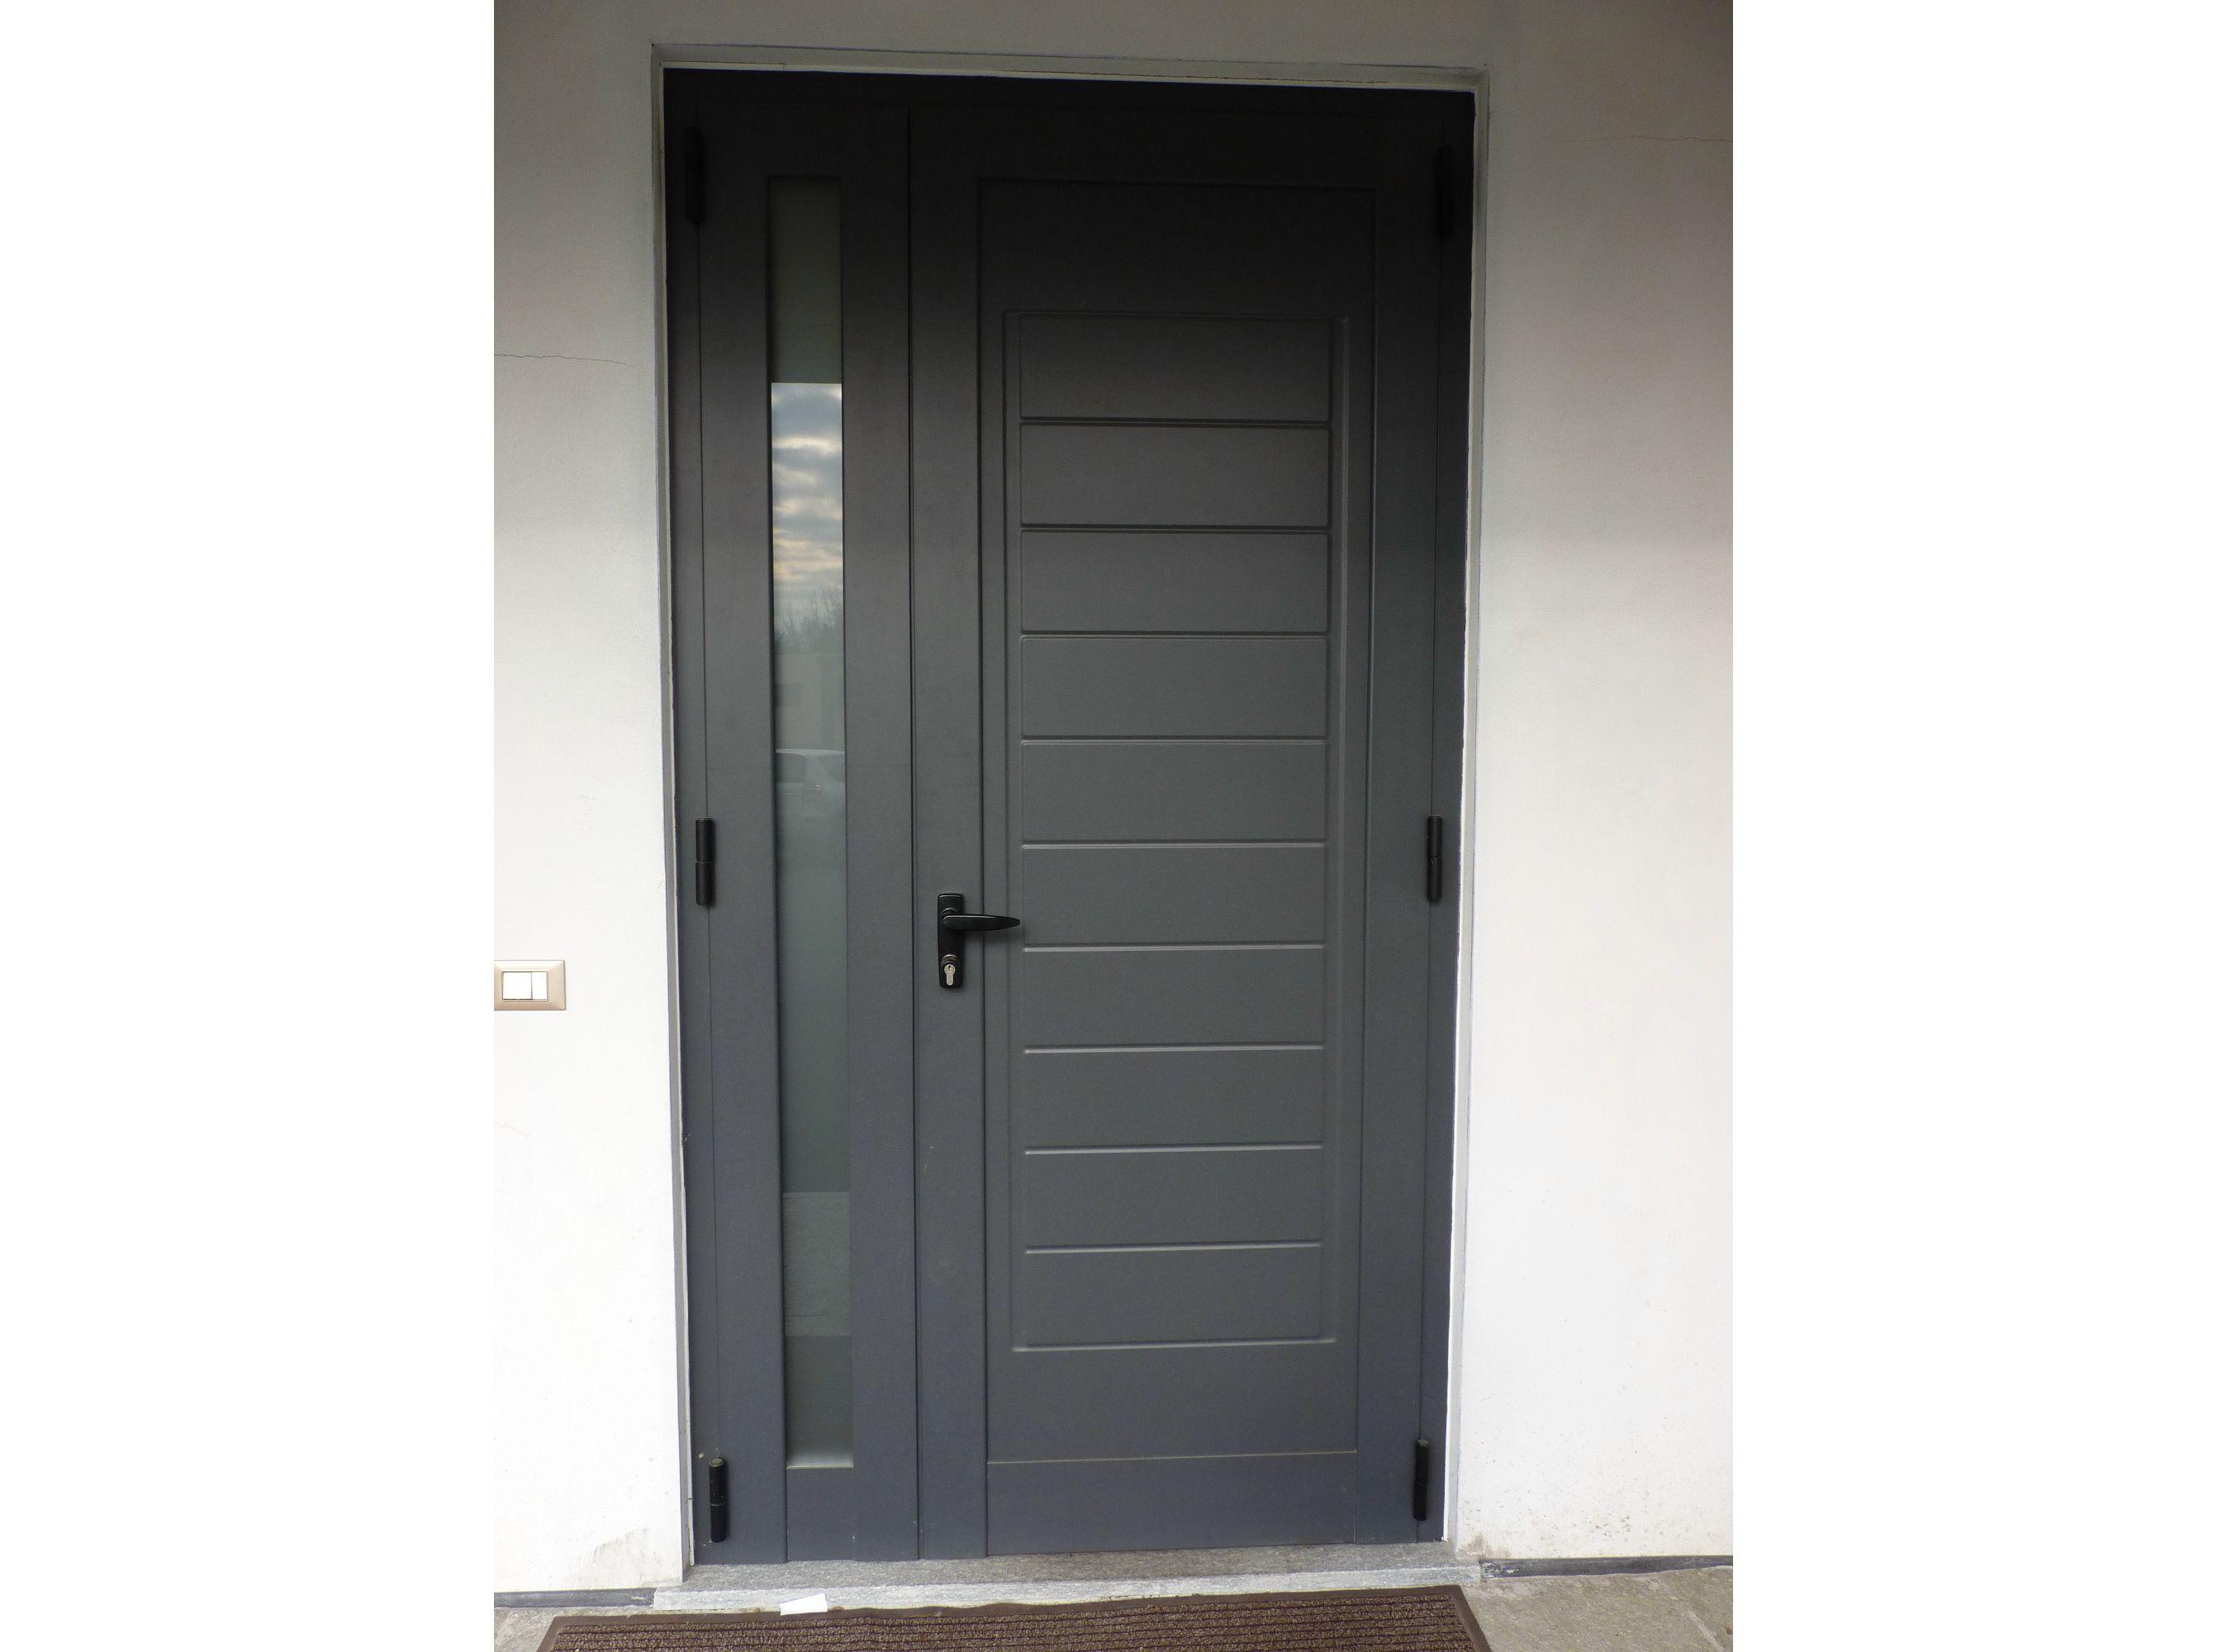 Pannello di rivestimento per porte blindate in alluminio for Paneles de aluminio para puertas